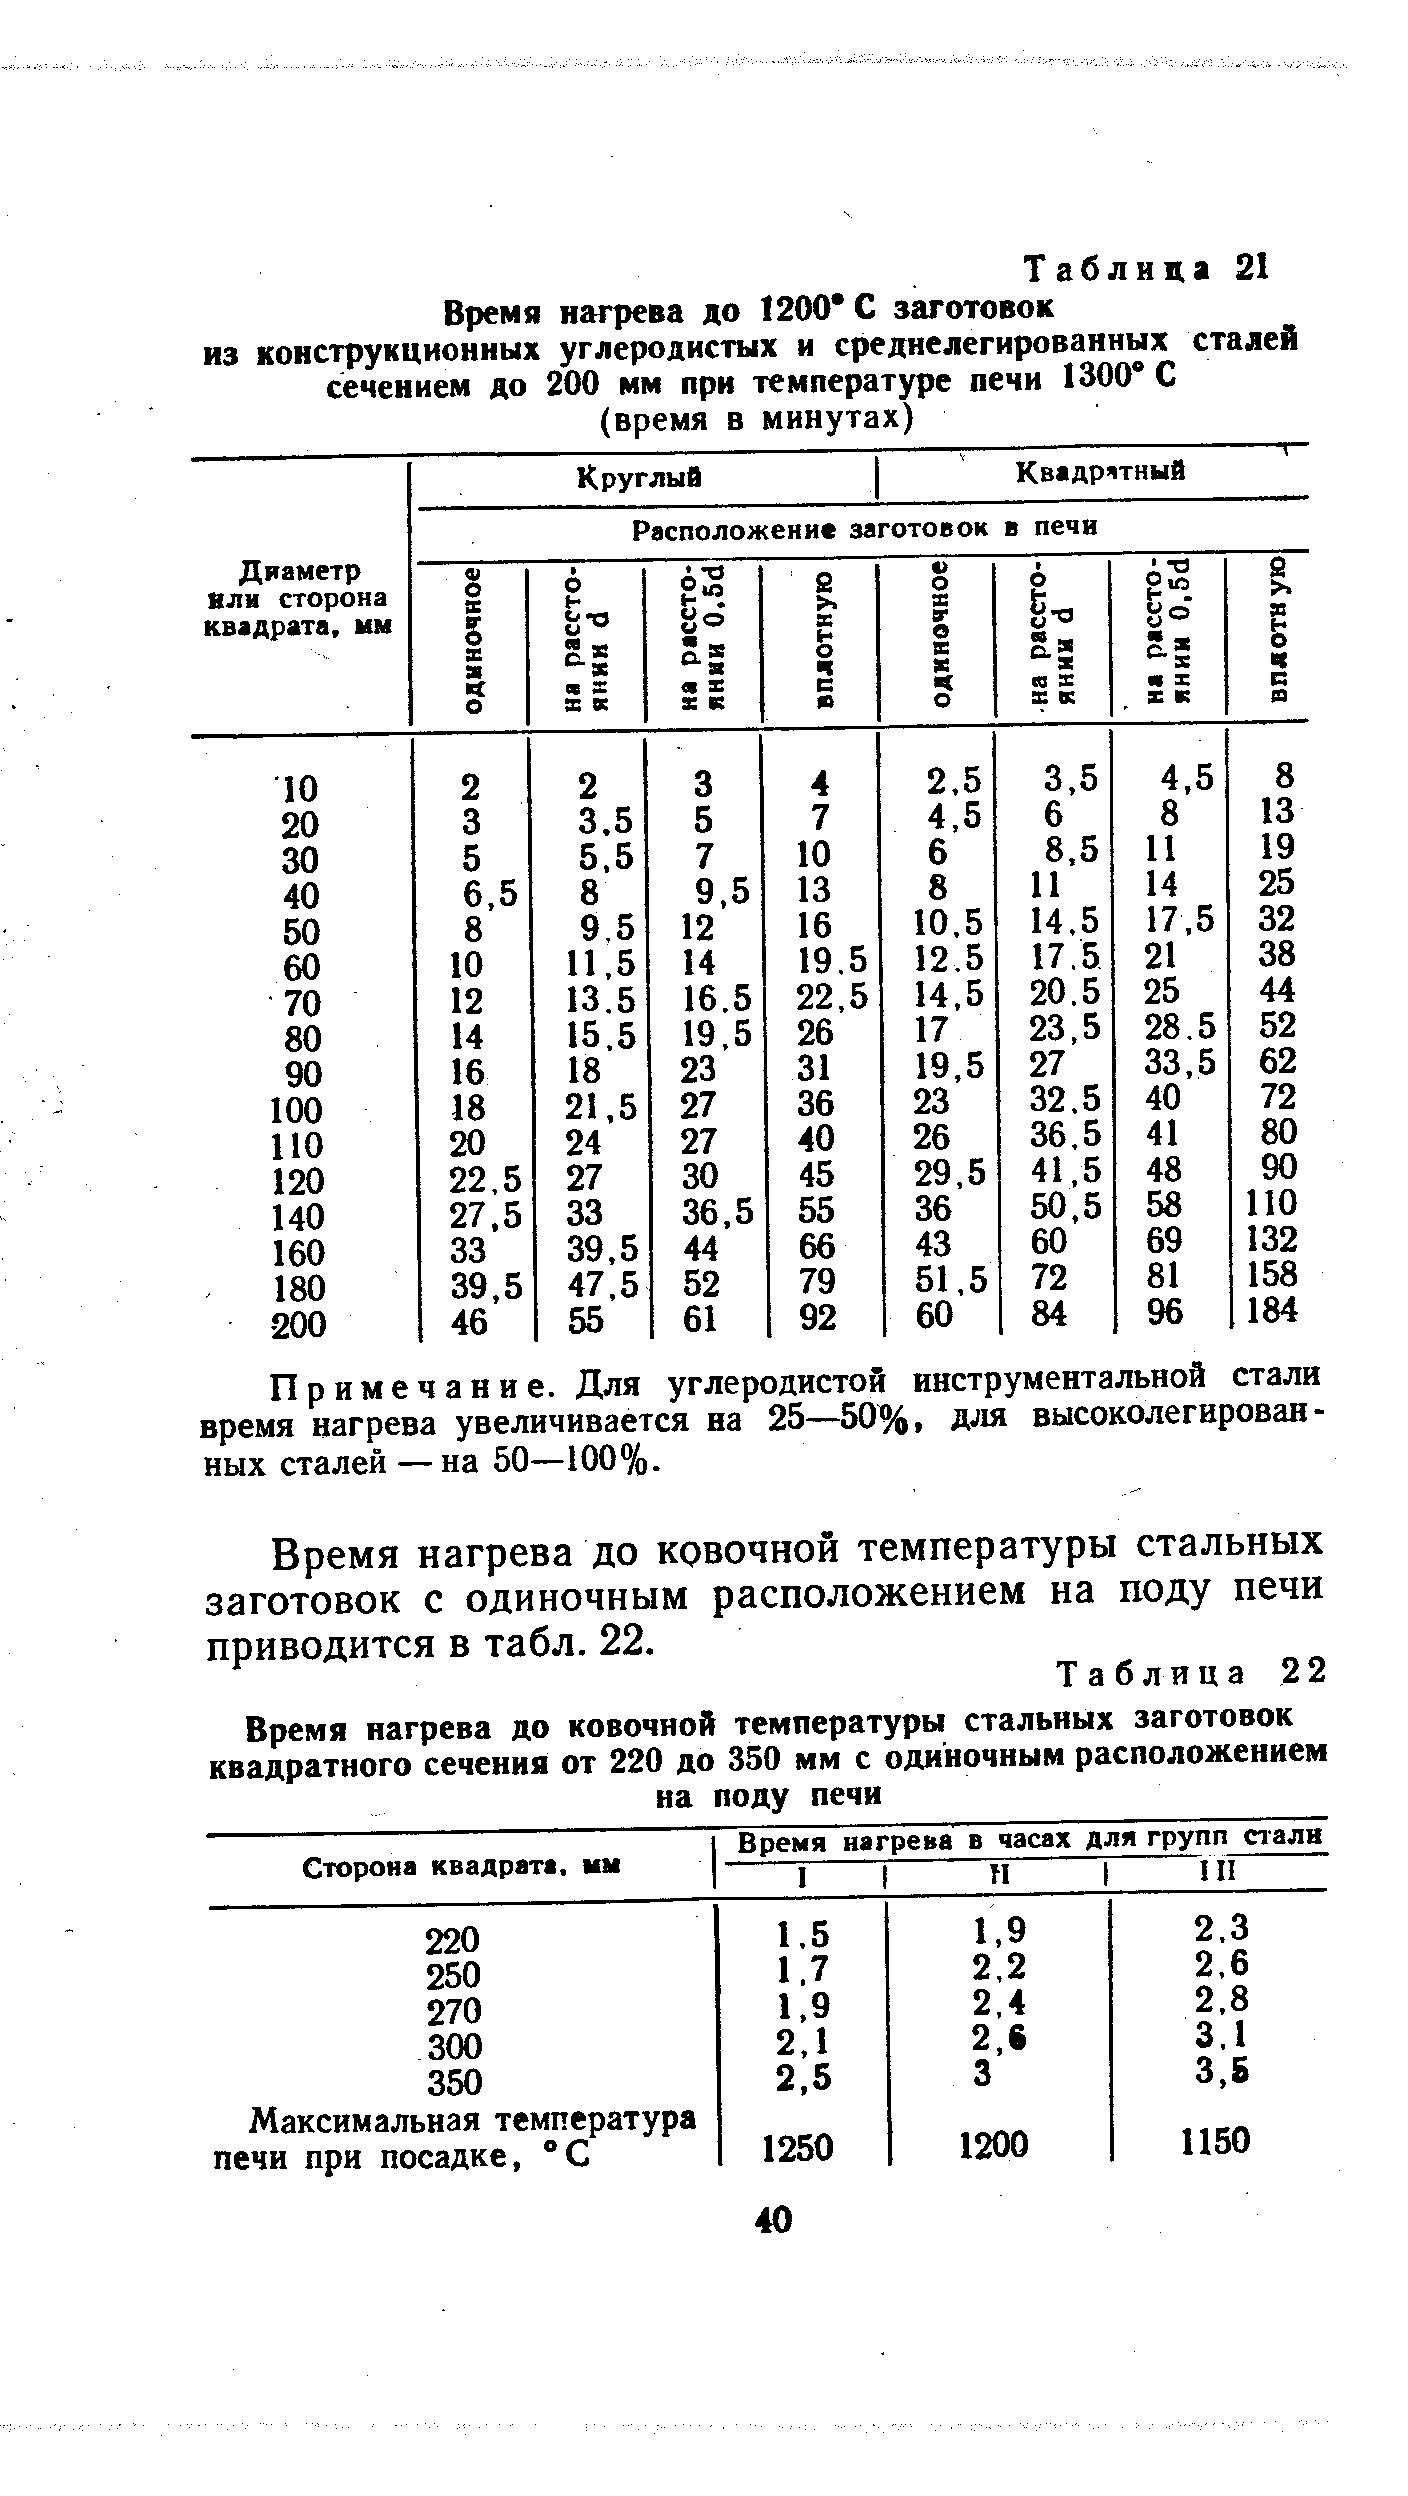 Среднелегированные стали